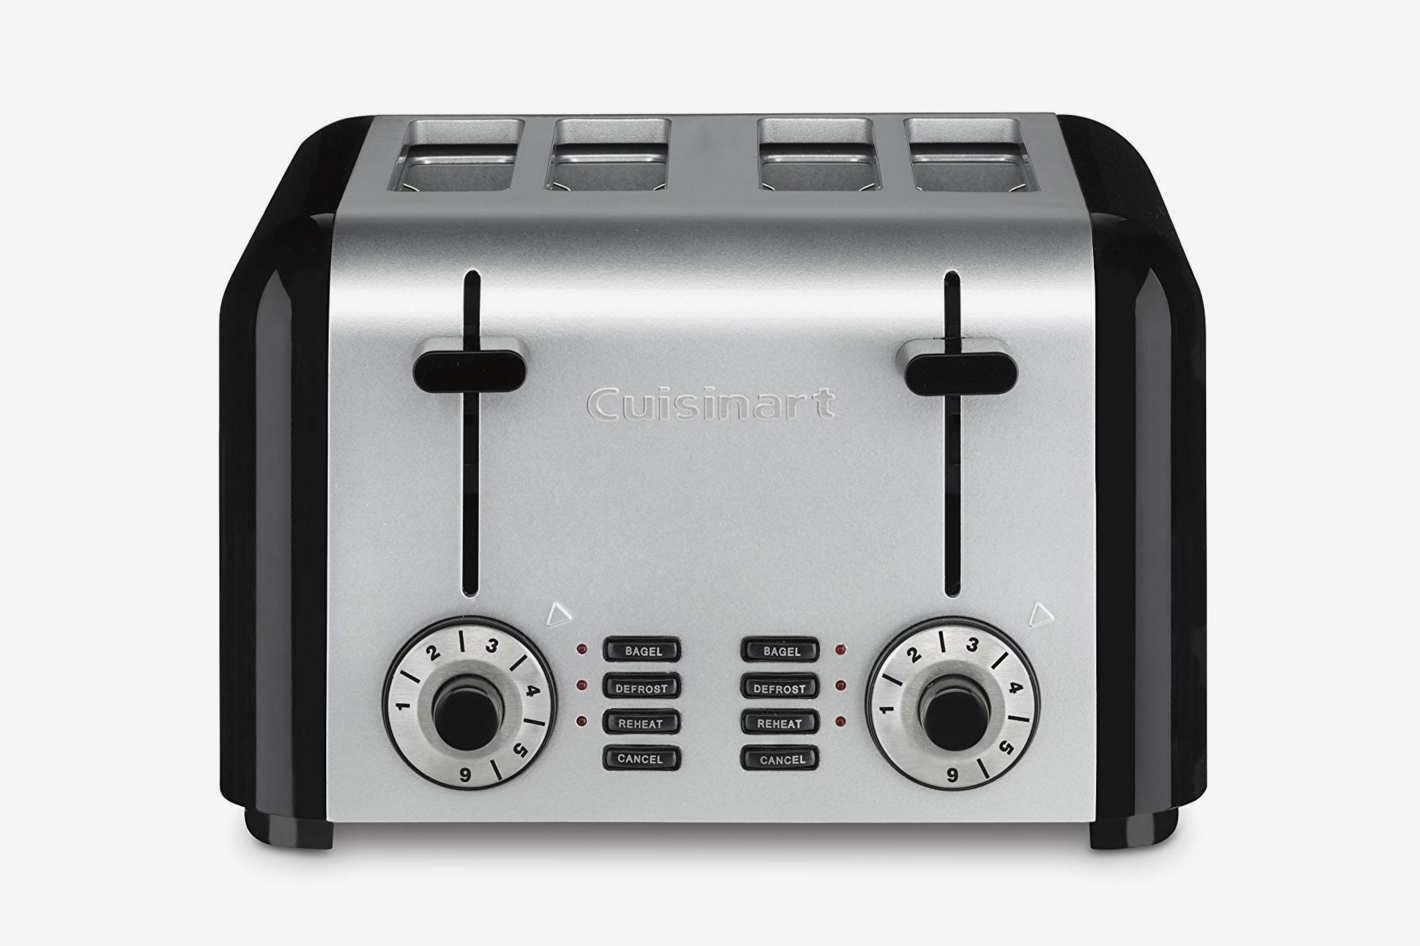 Cuisinart Hybrid Stainless 4-Slice Toaster